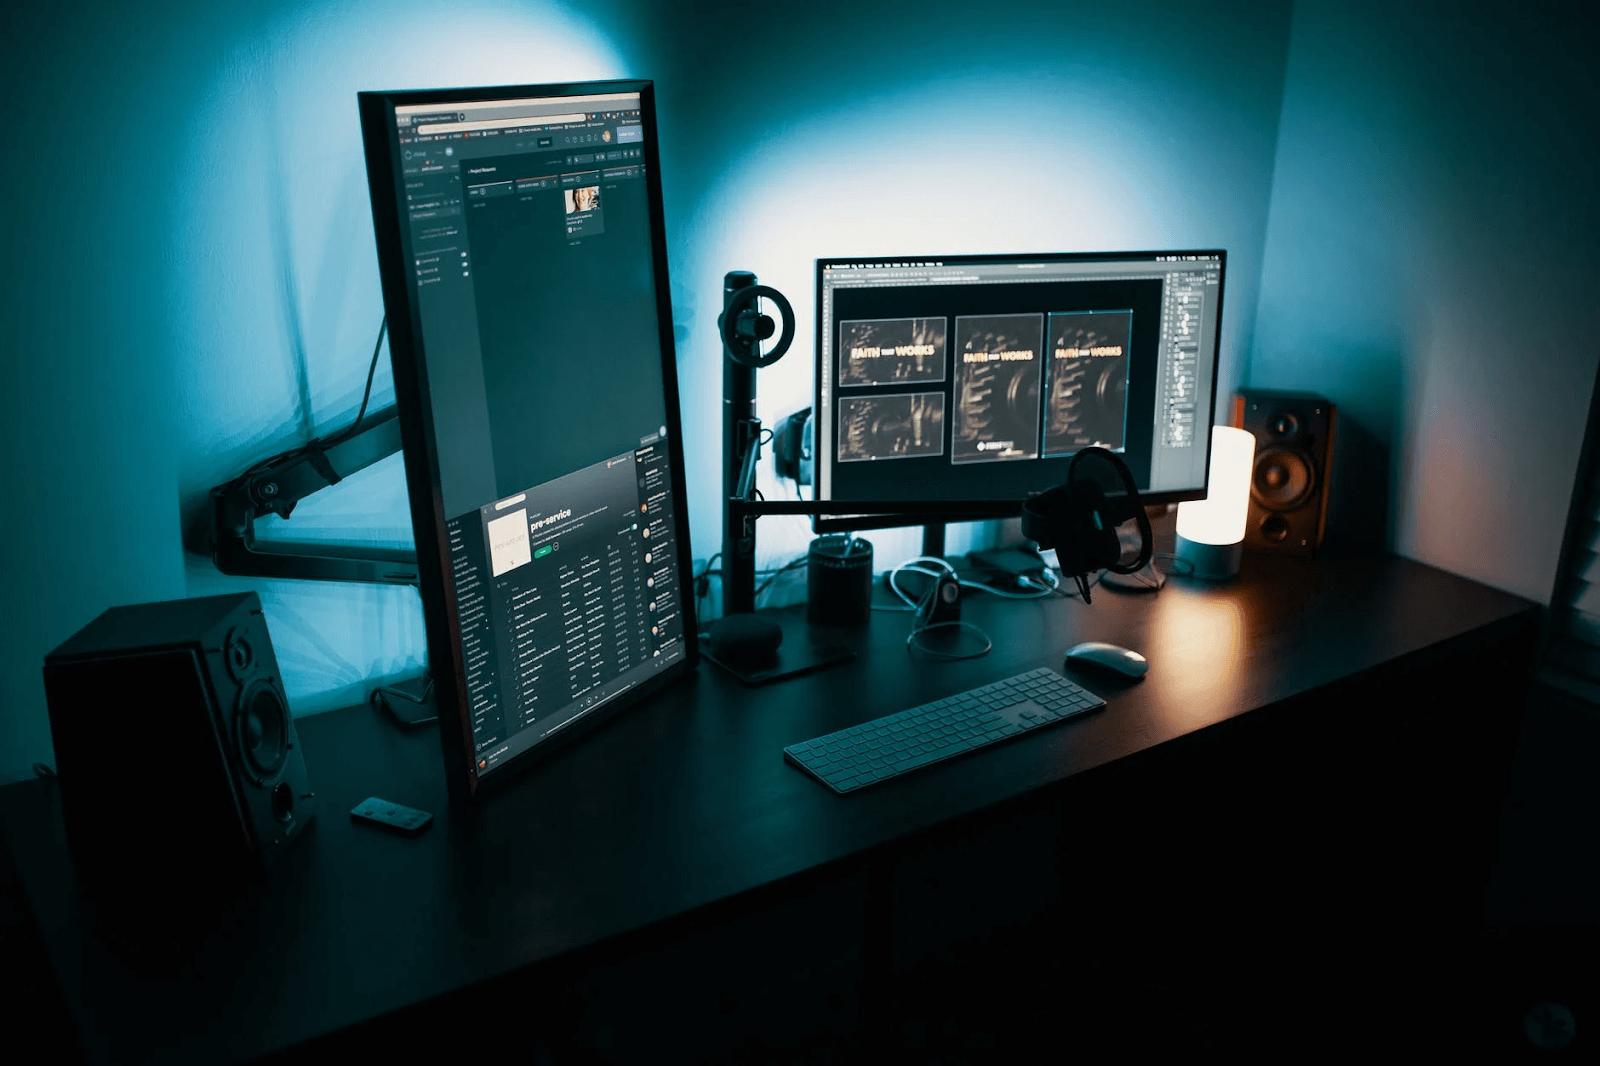 ونڈوز 10 پر اسٹیم اسکرین شاٹ فولڈر تک رسائی اور استعمال کرنے کا طریقہ